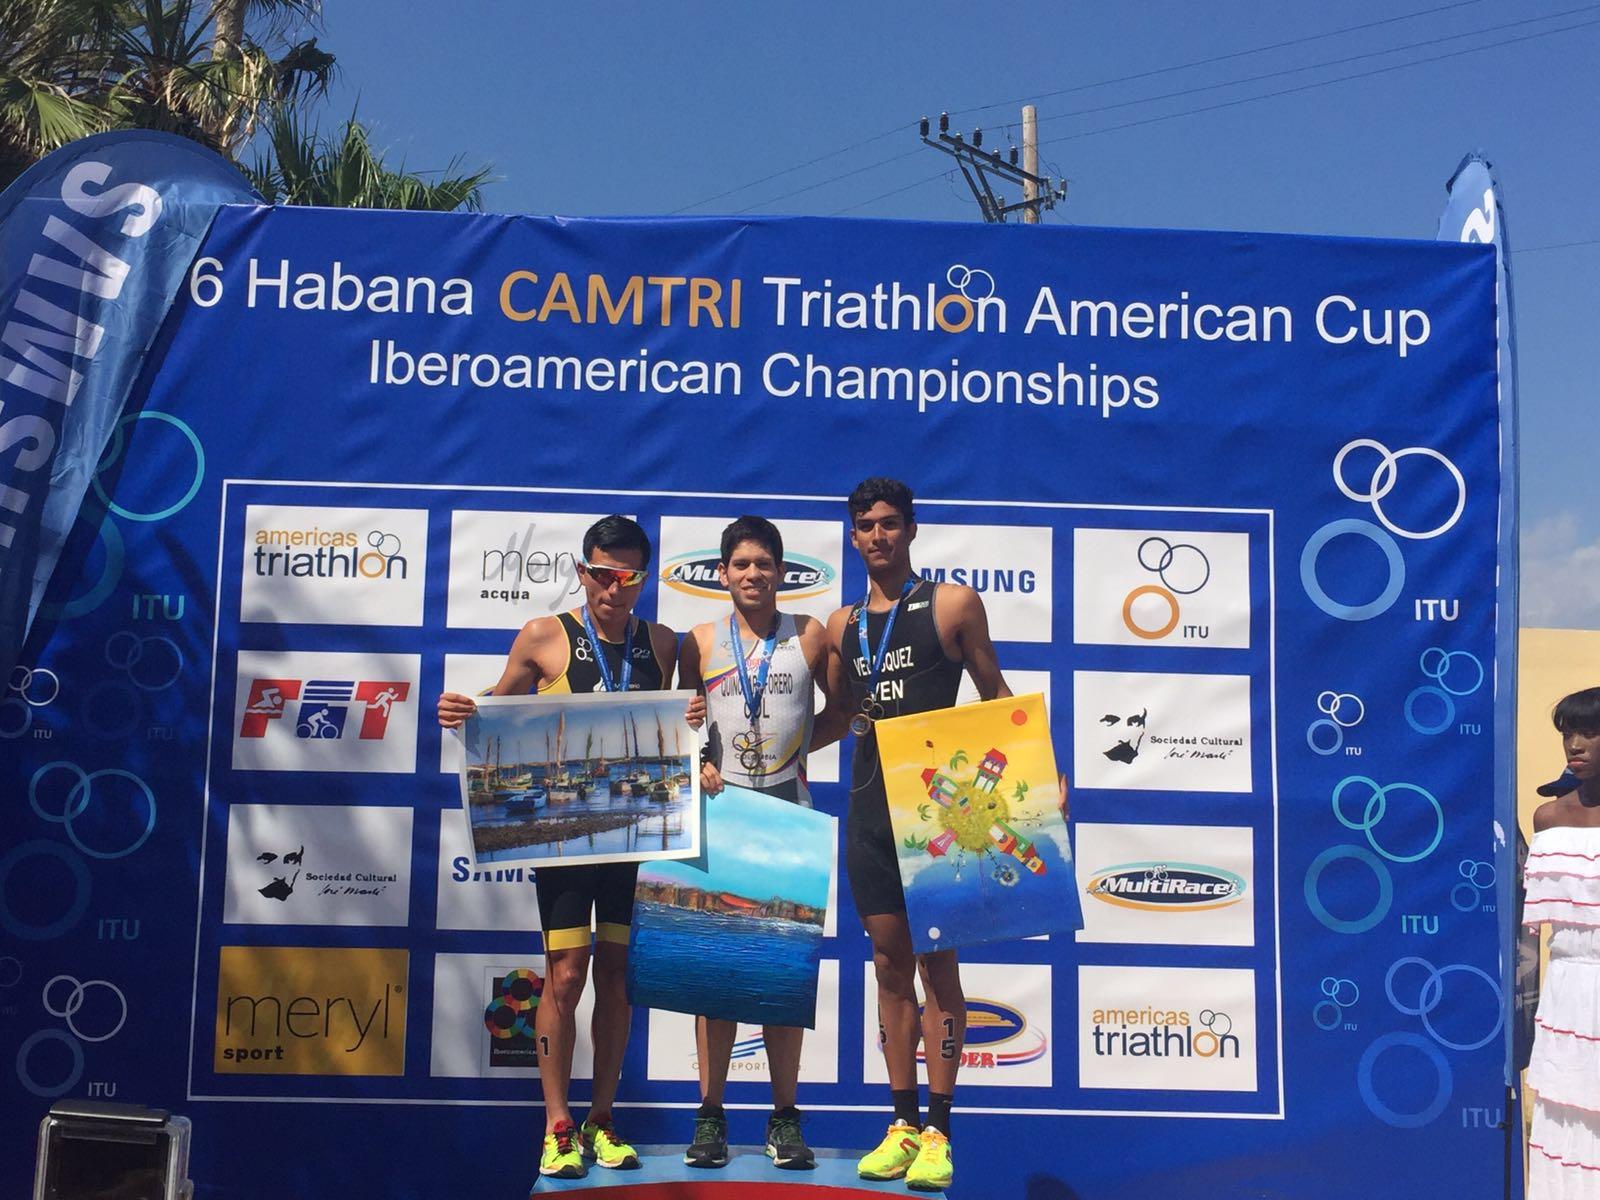 Deportistas latinoamericanos son los grandes triunfadores del triatlón de la Habana